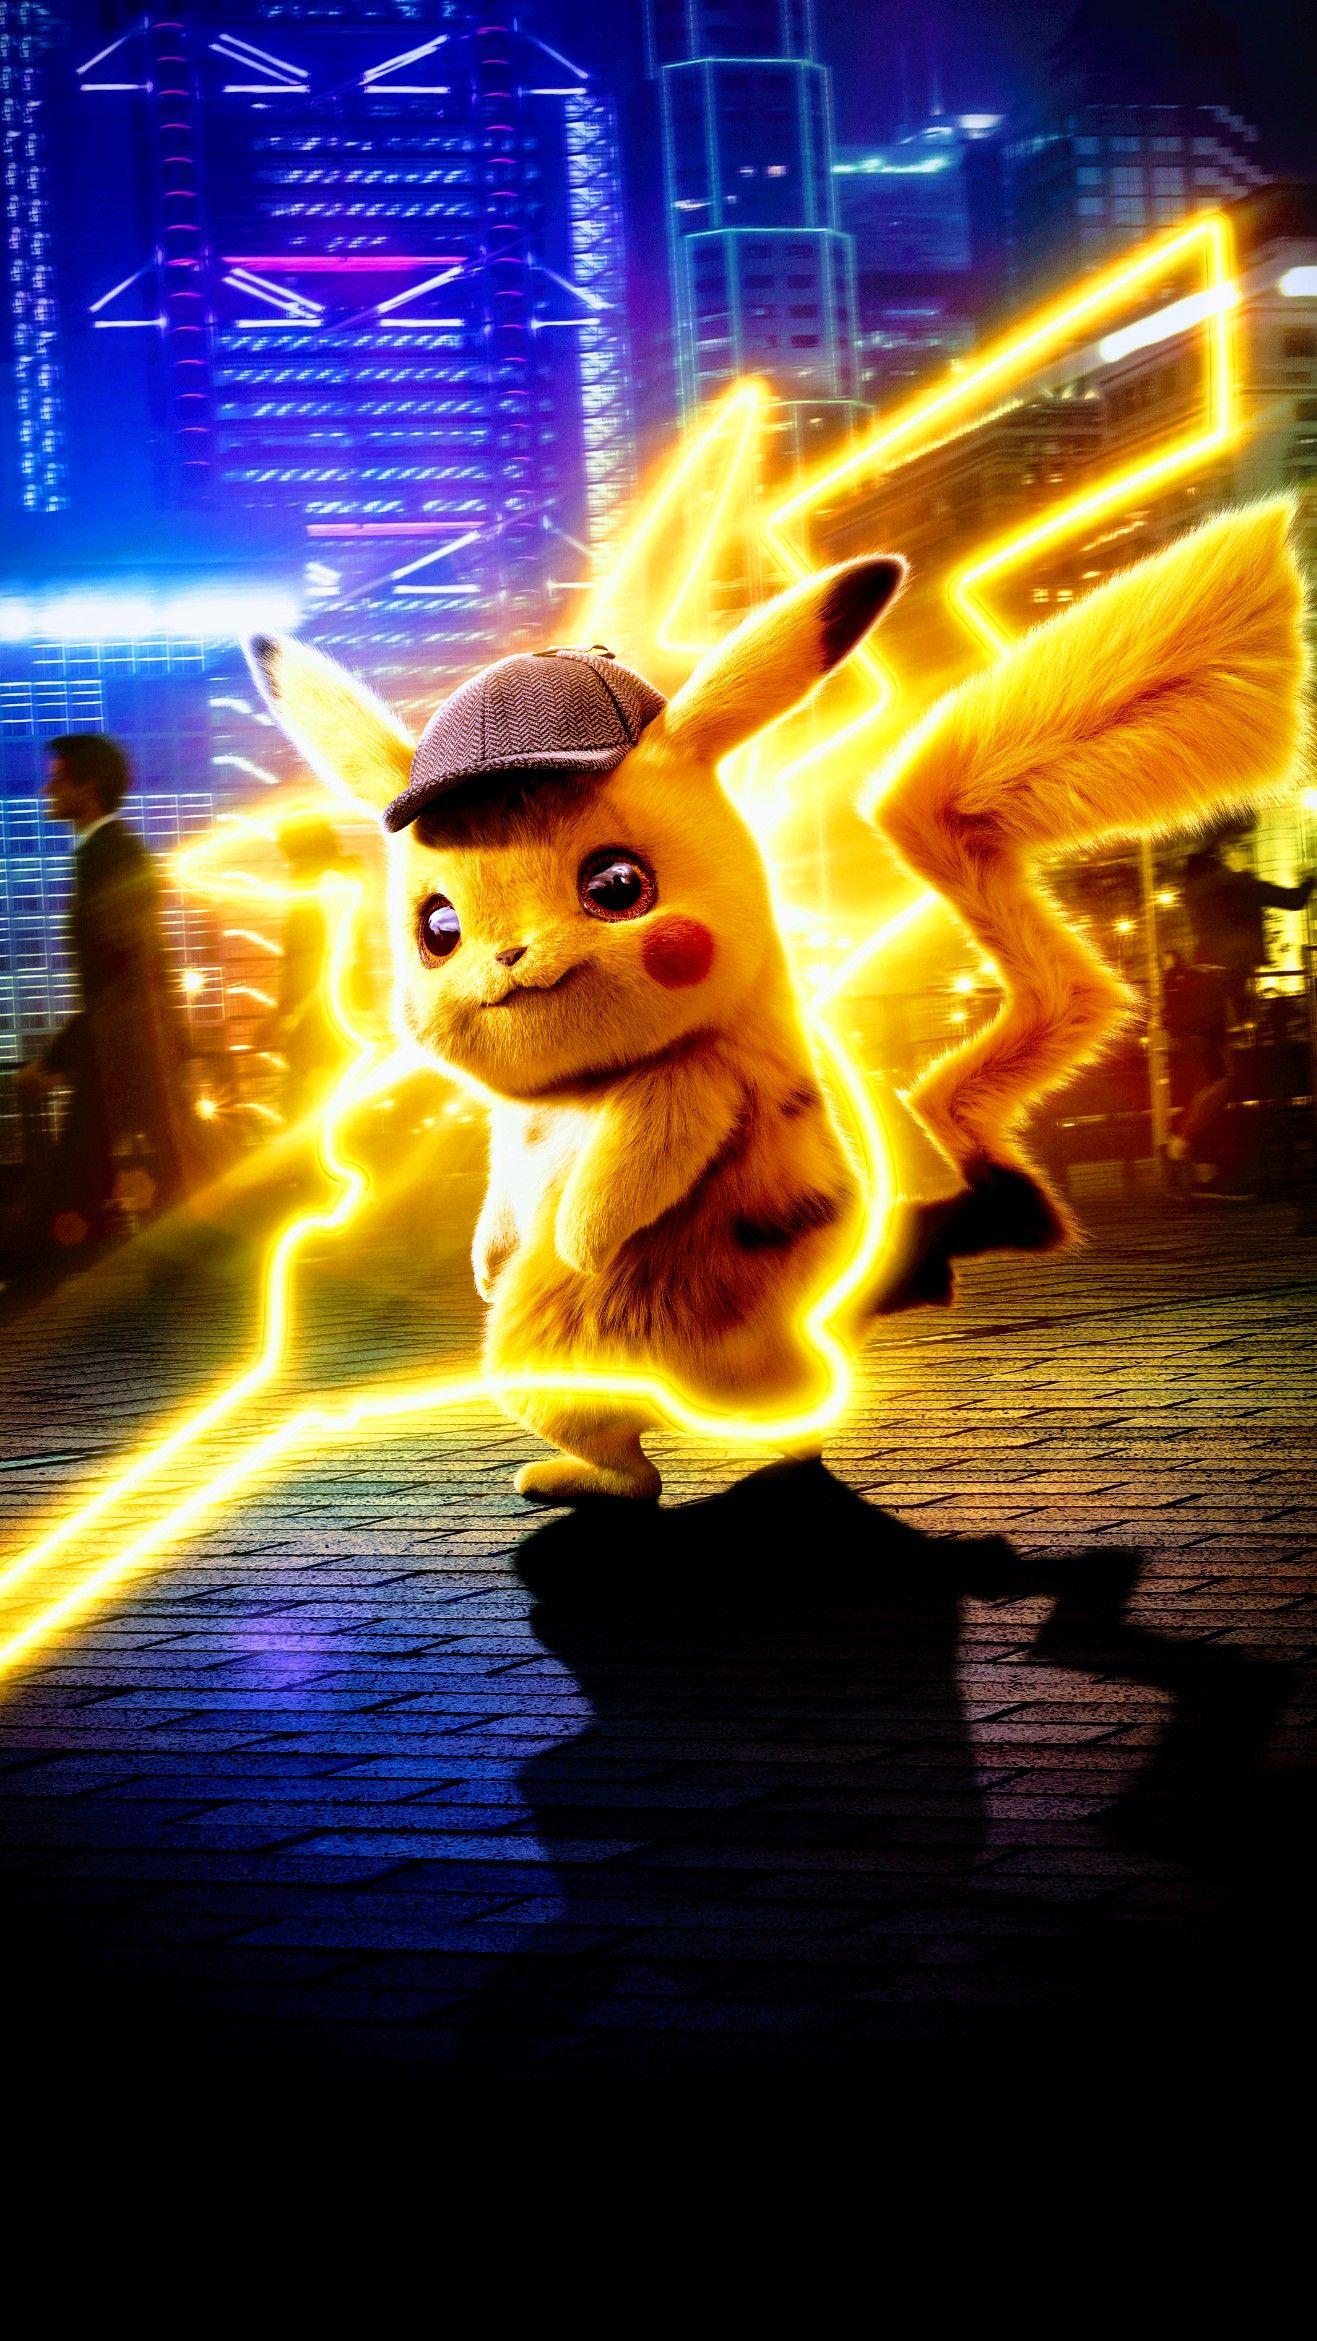 Detective Pikachu Pokemon Pikachu Wallpaper Cool Pokemon Wallpapers Pikachu